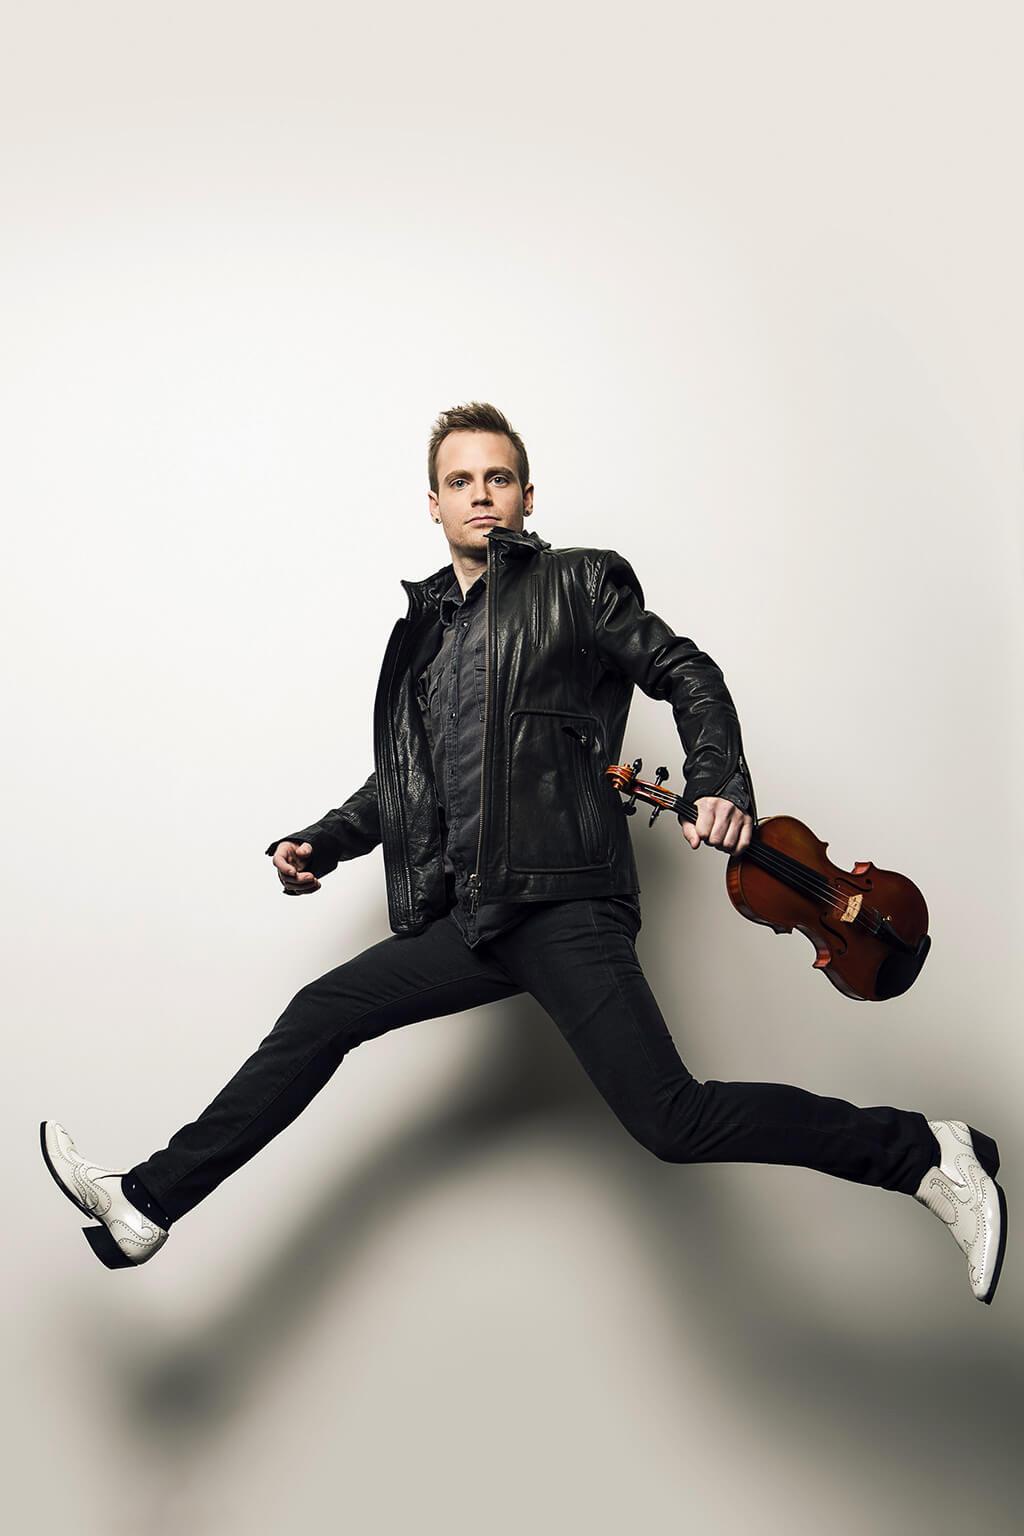 Le violoniste montréalais Marc Djokic, lauréat du Prix Goyer, deviendra le premier artiste en résidence de CAMMAC. (Crédit: Shayne Gray)